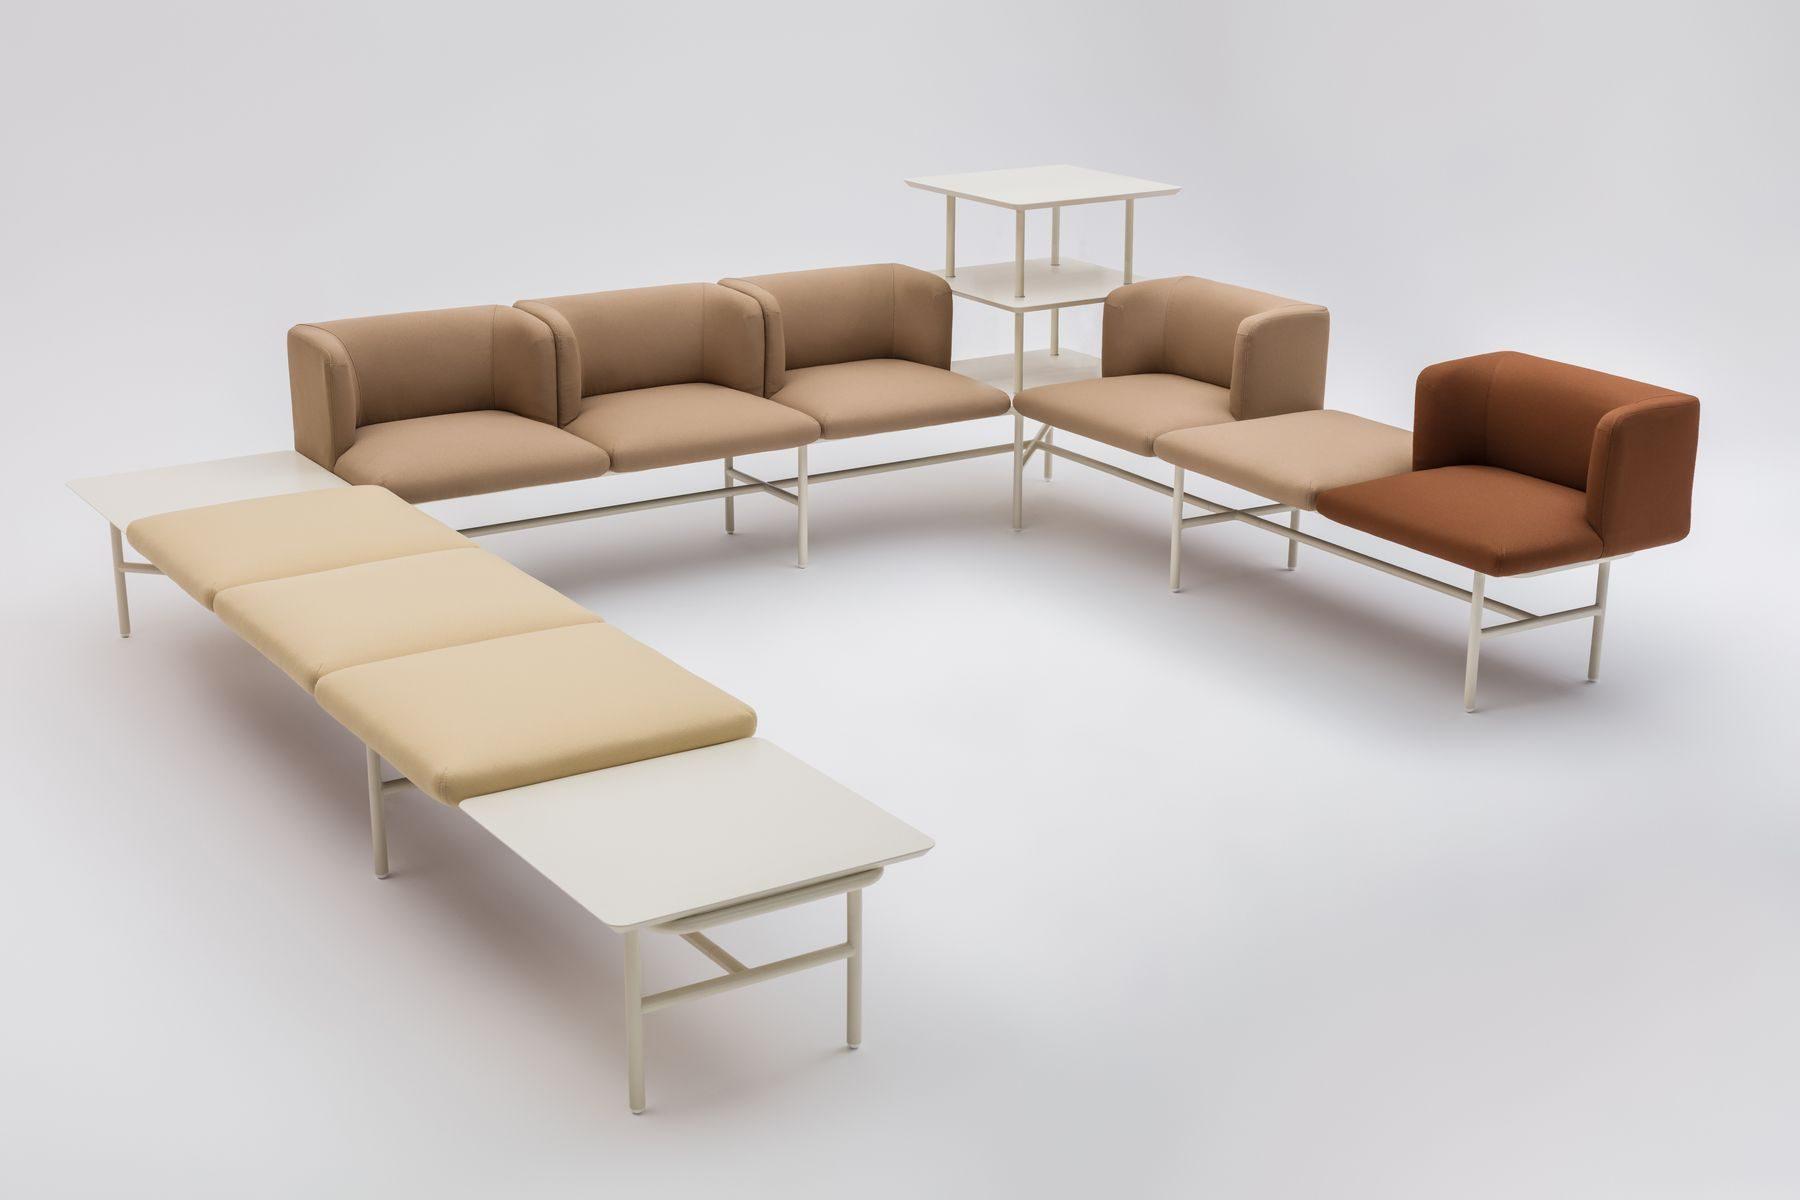 Agora - Flexibelt möbelsystem